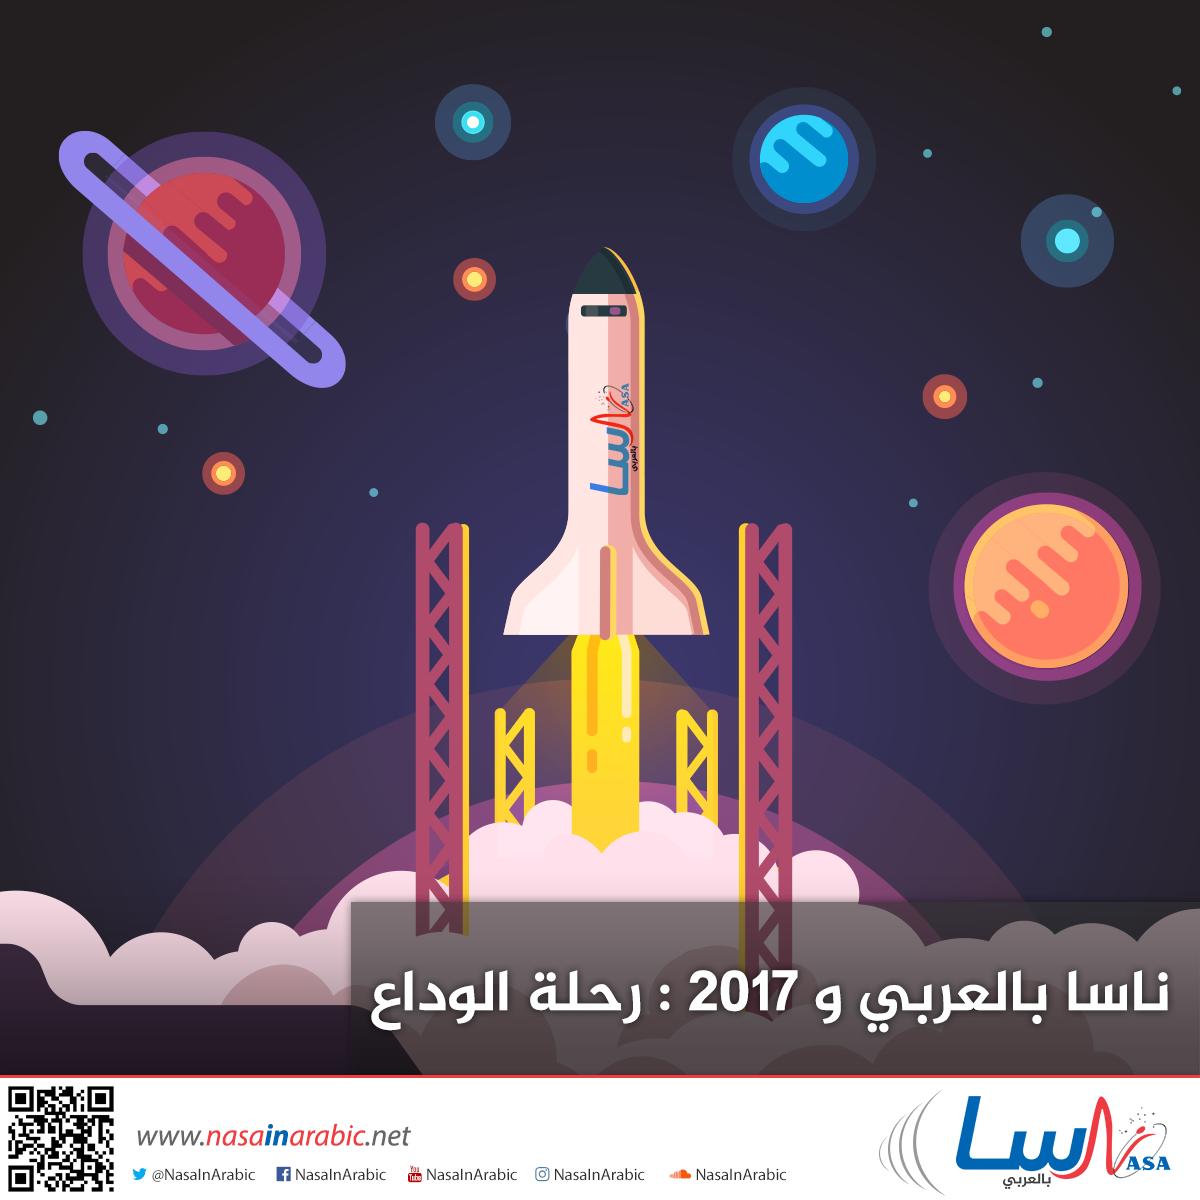 ناسا بالعربي و2017: رحلة الوداع